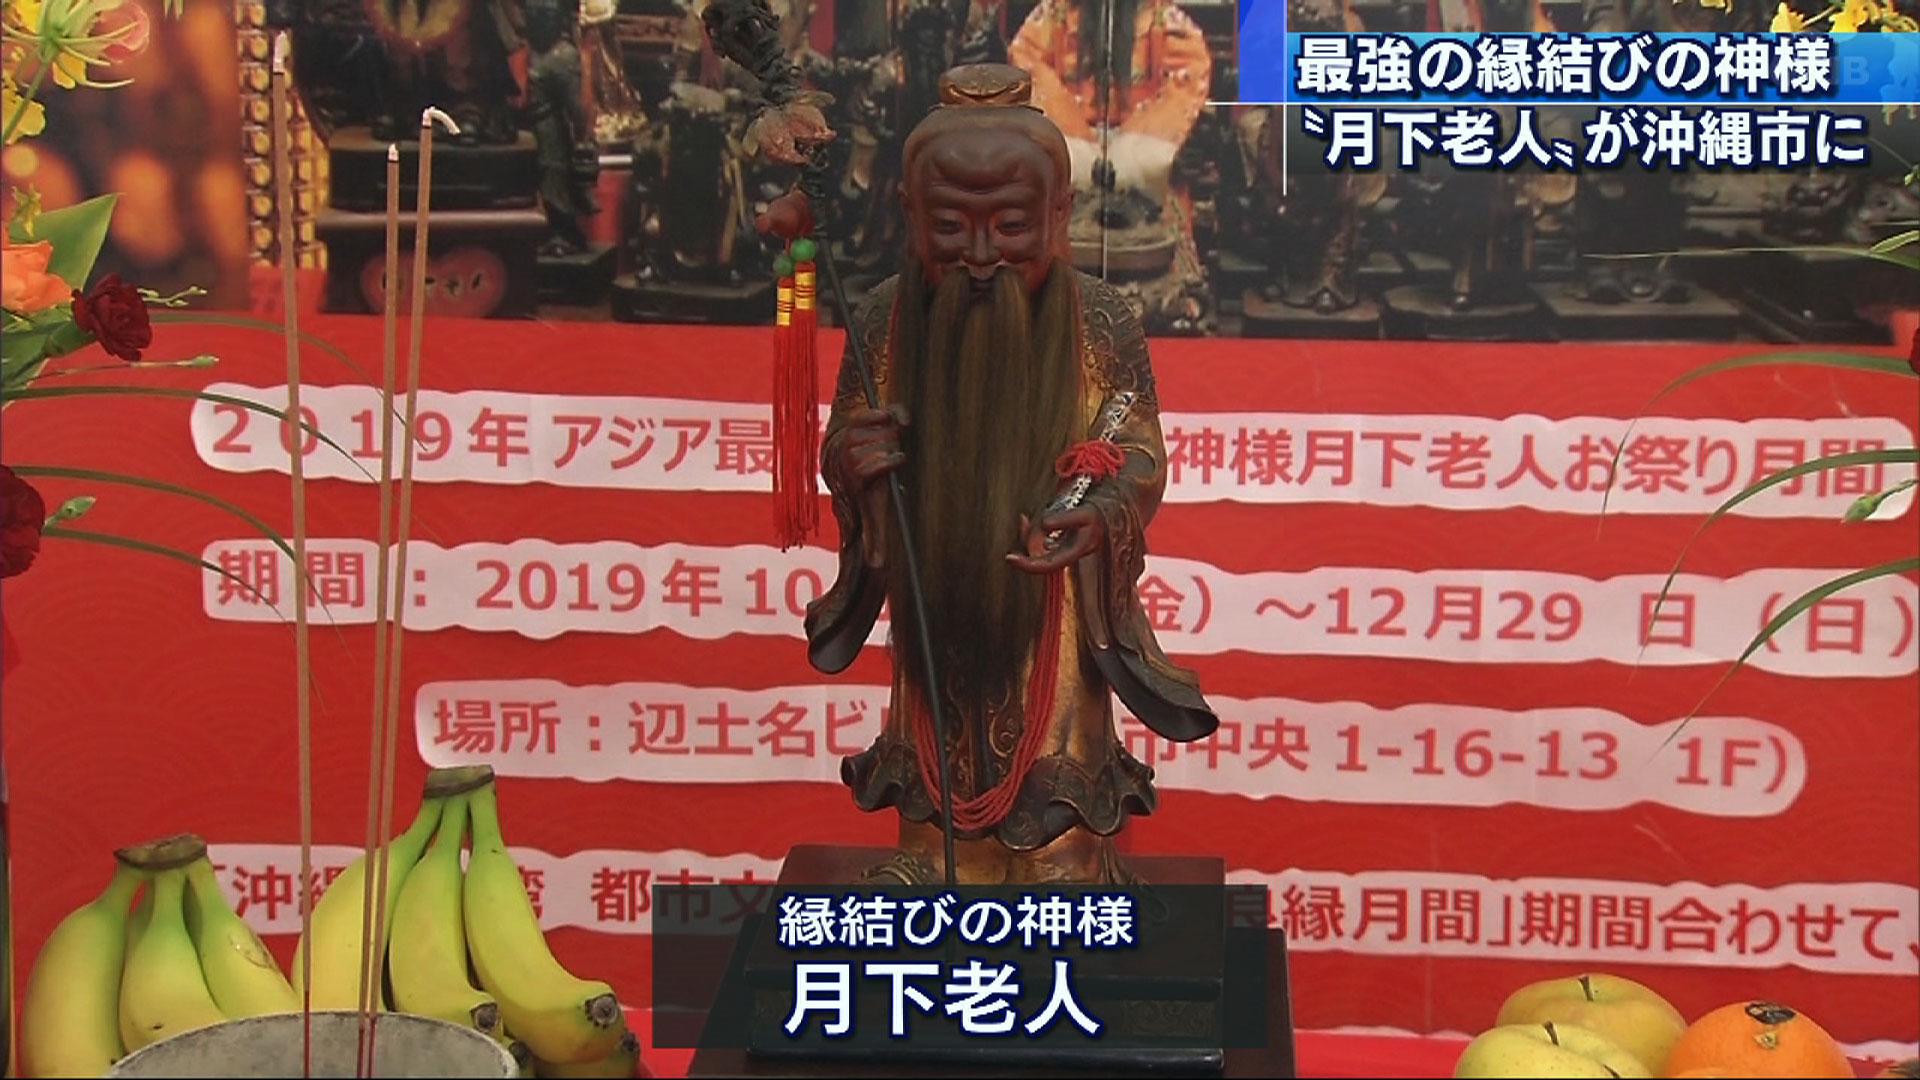 縁結びの神様「月下老人」 今年も沖縄市に